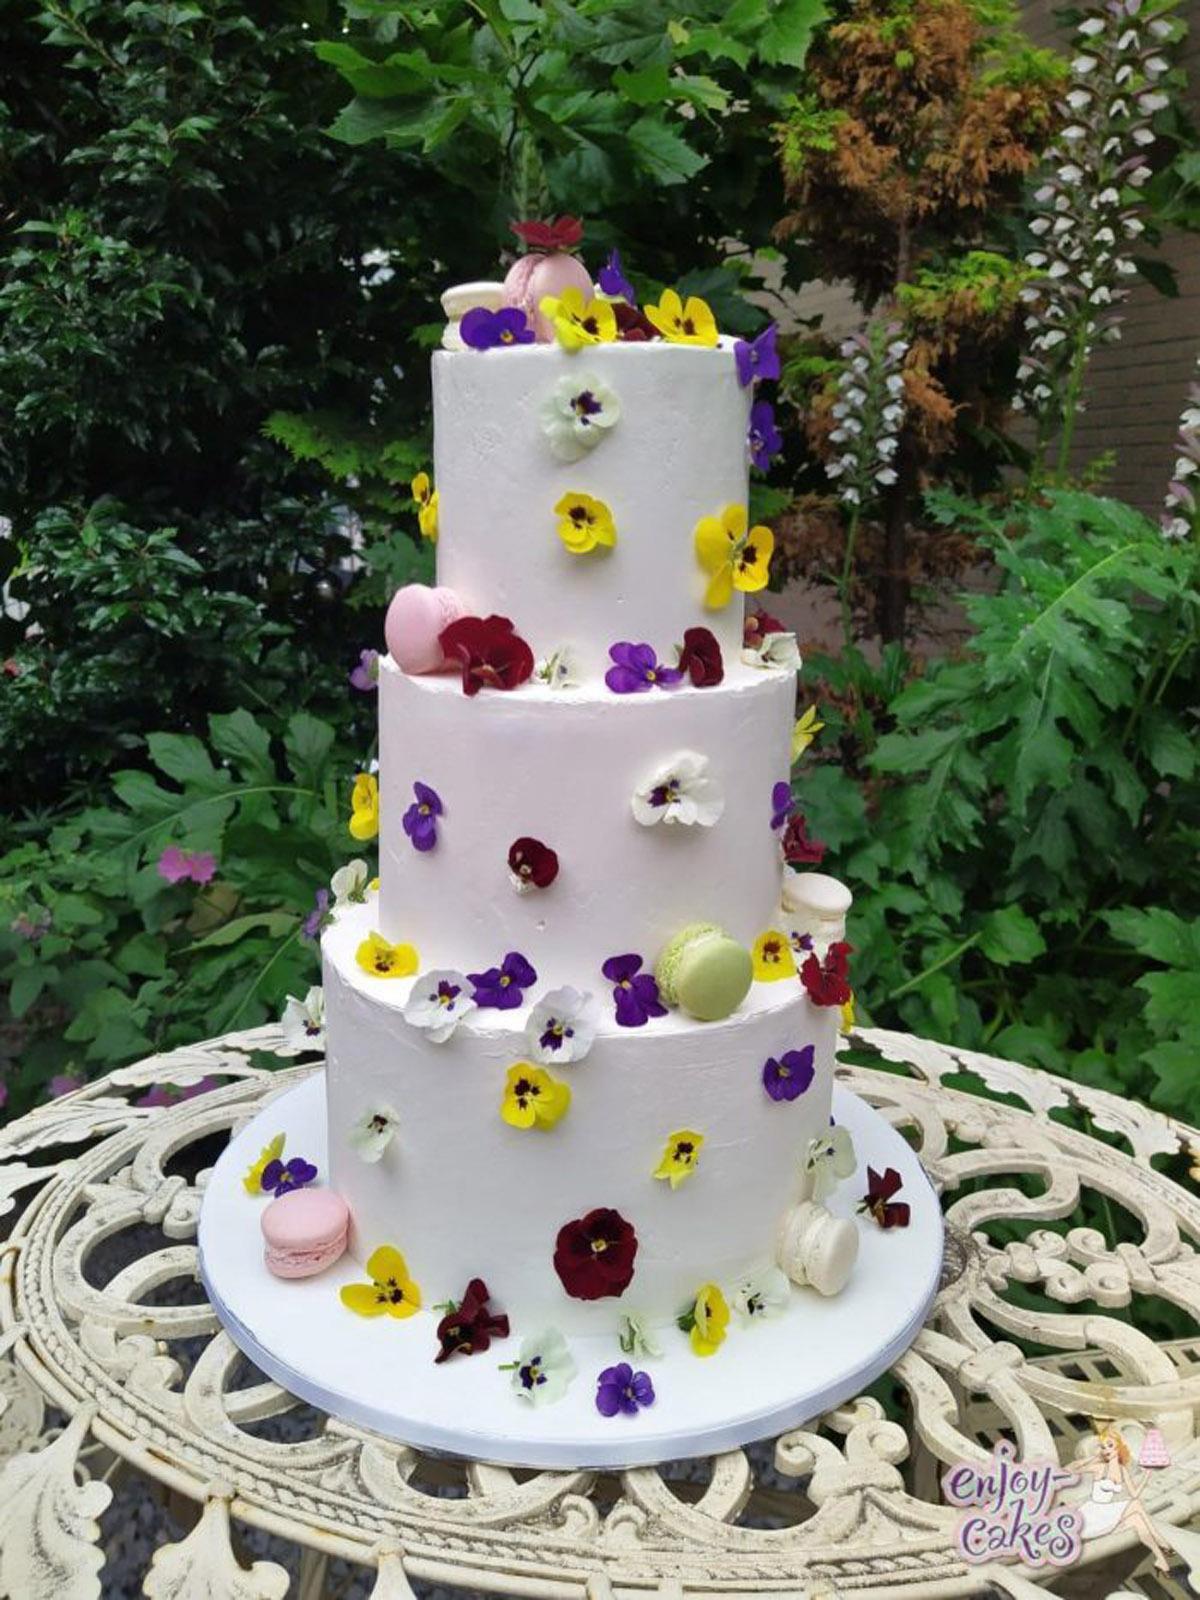 Bruidstaart met eetbare viooltjes